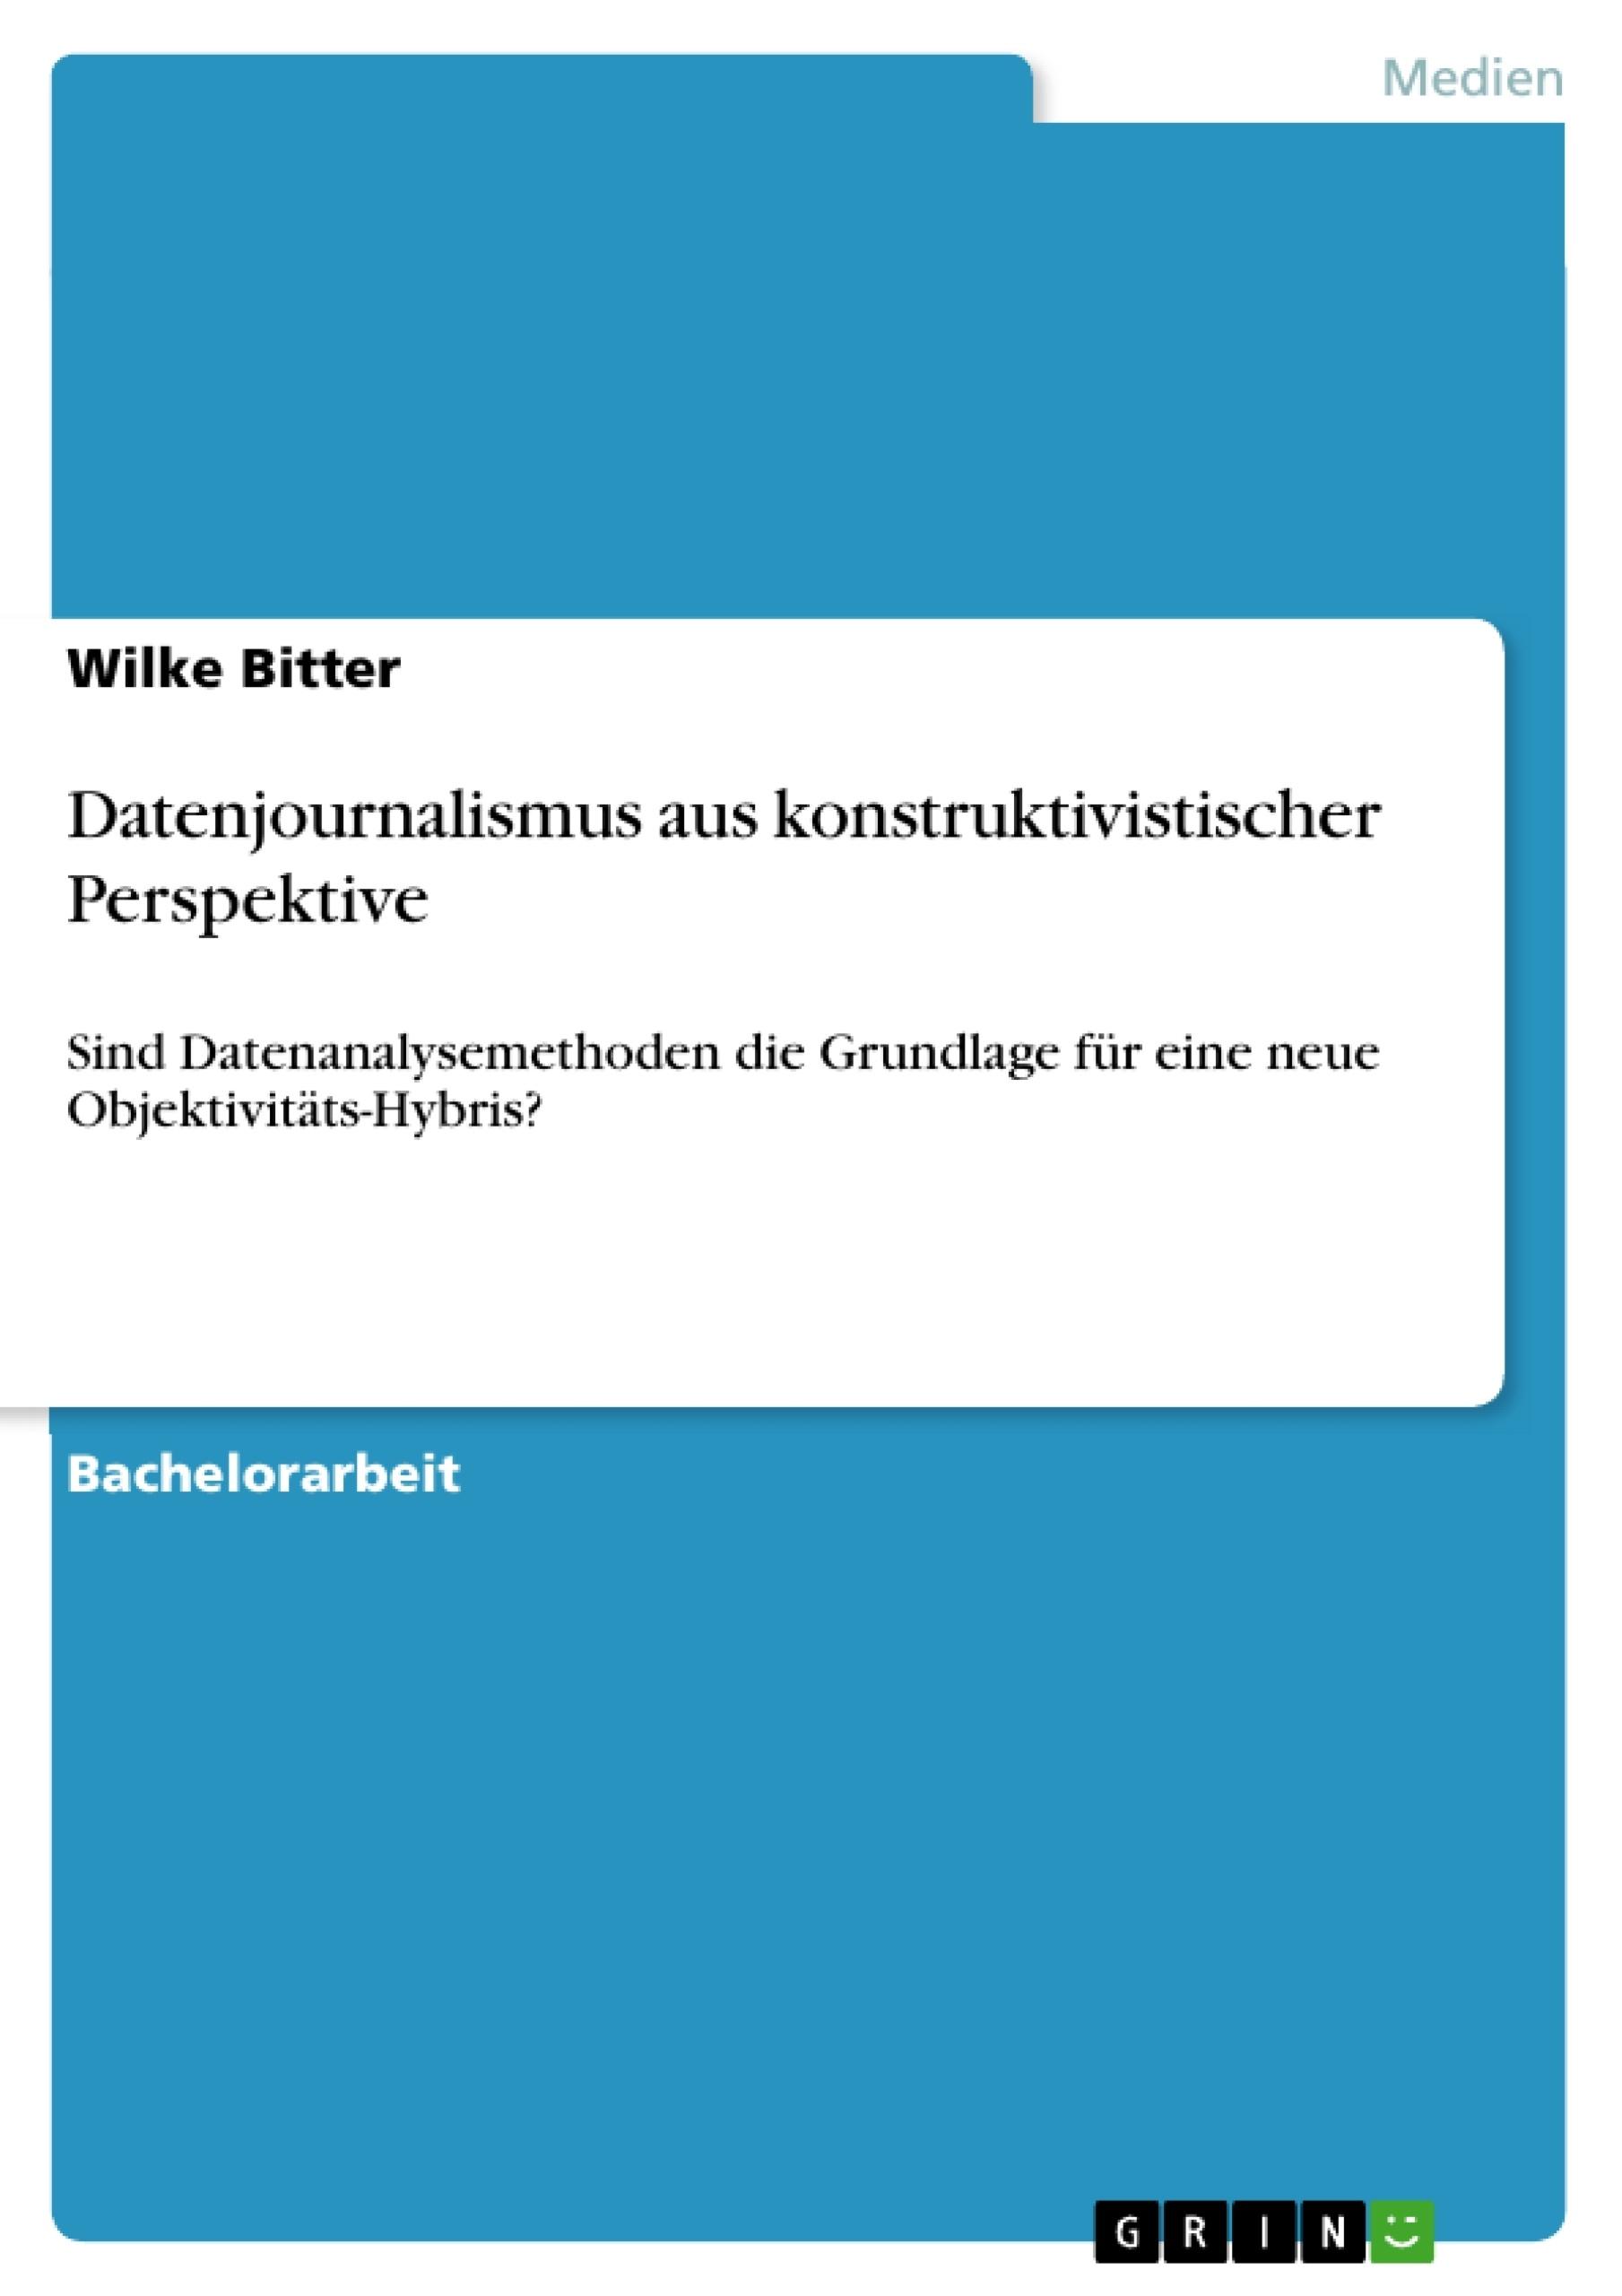 Titel: Datenjournalismus aus konstruktivistischer Perspektive